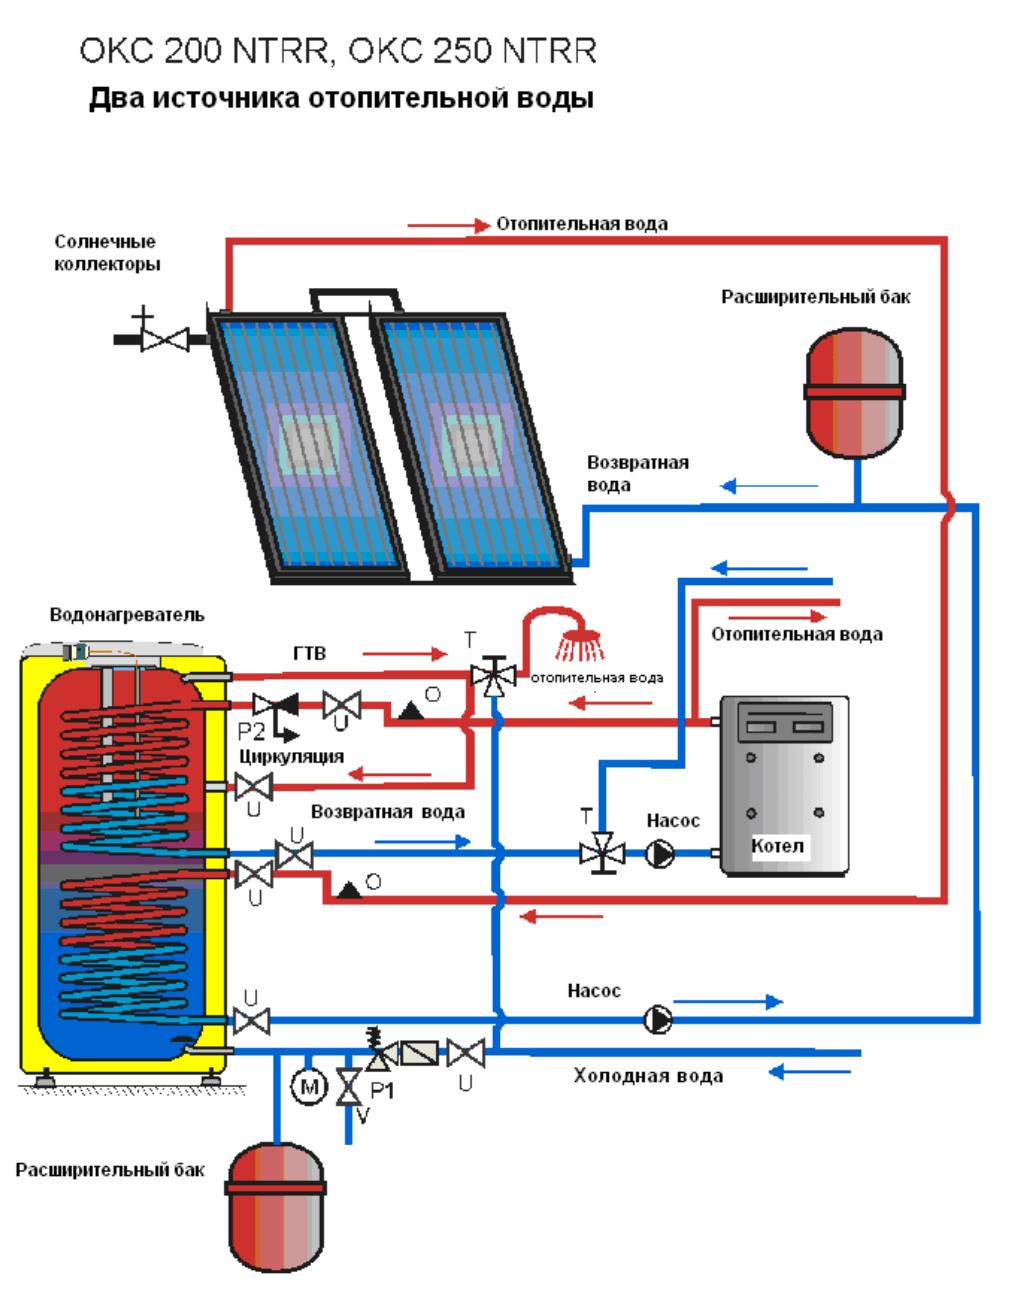 Пример подсоединения бойлера косвенного нагрева OKC NTRR с двумя разными источниками тепла